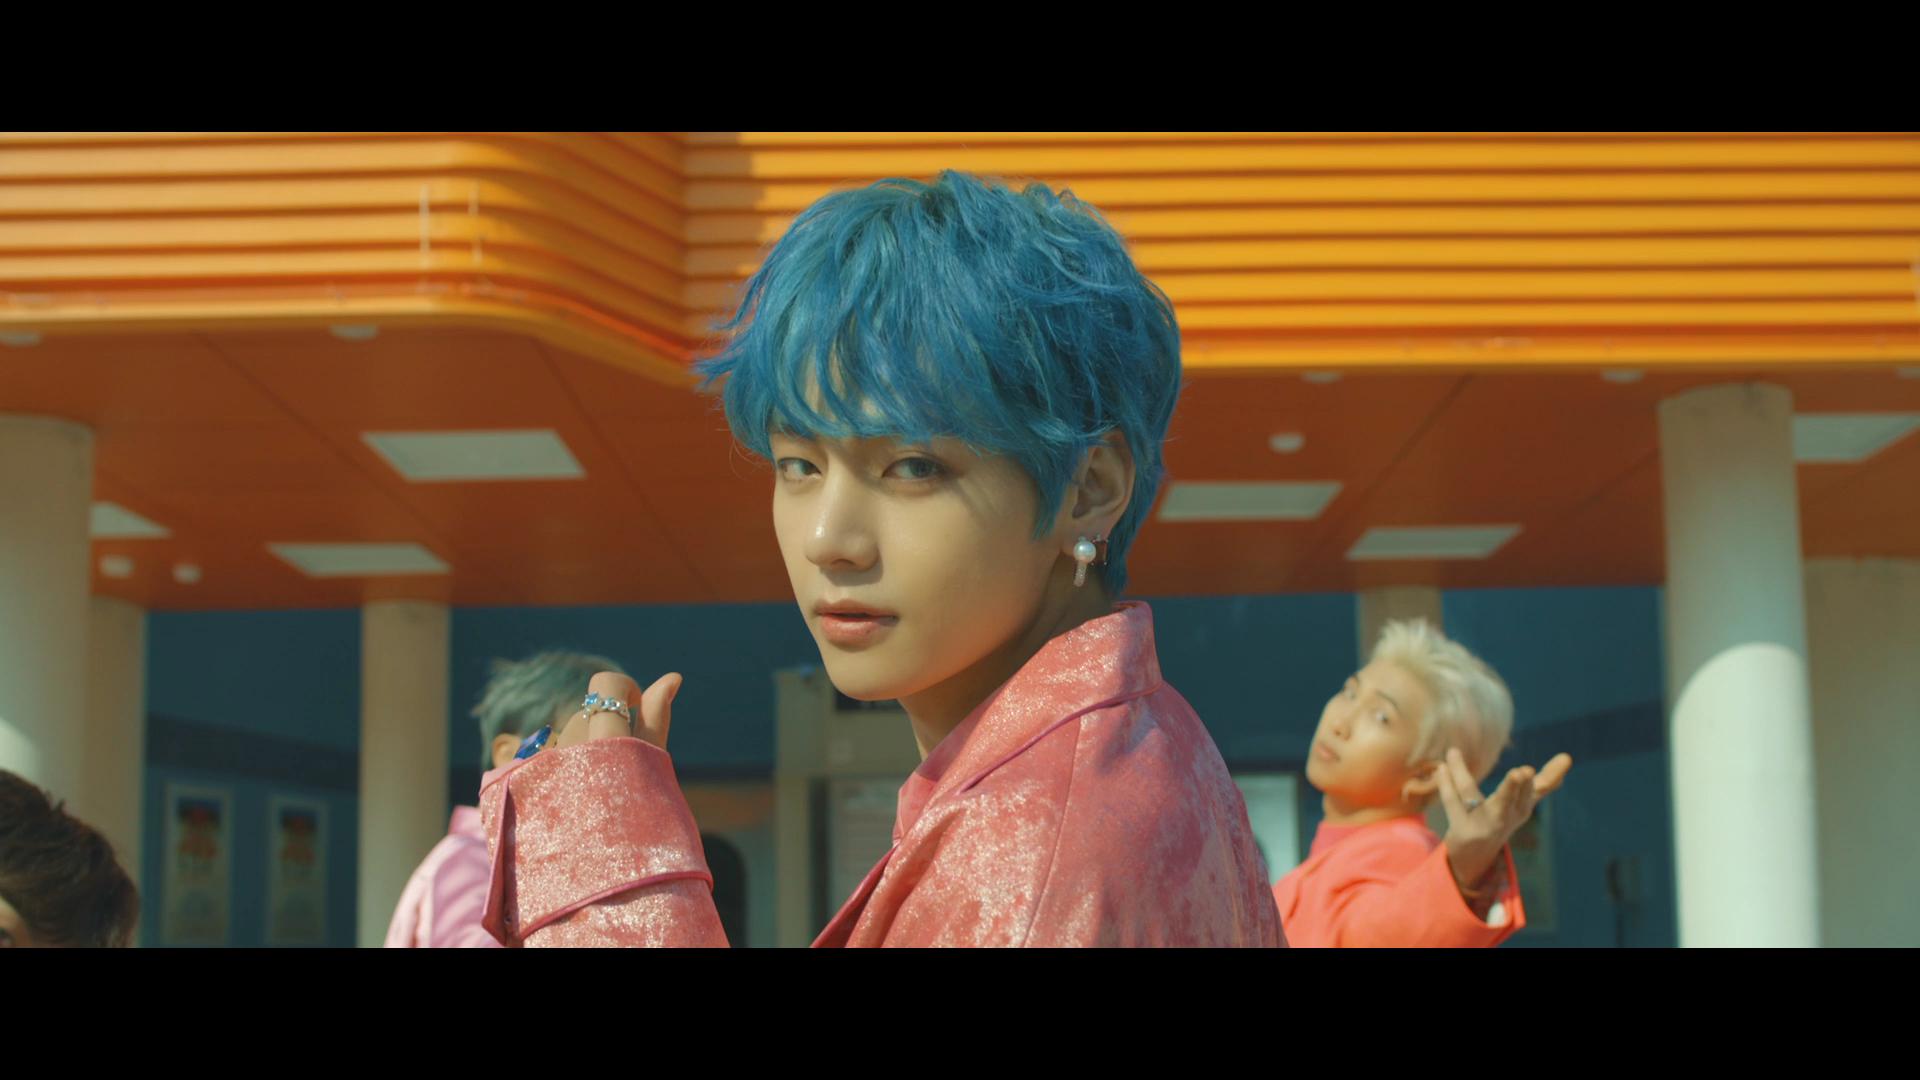 BTS (방탄소년단) '작은 것들을 위한 시 (Boy With Luv) feat. Halsey' Official Teaser 2